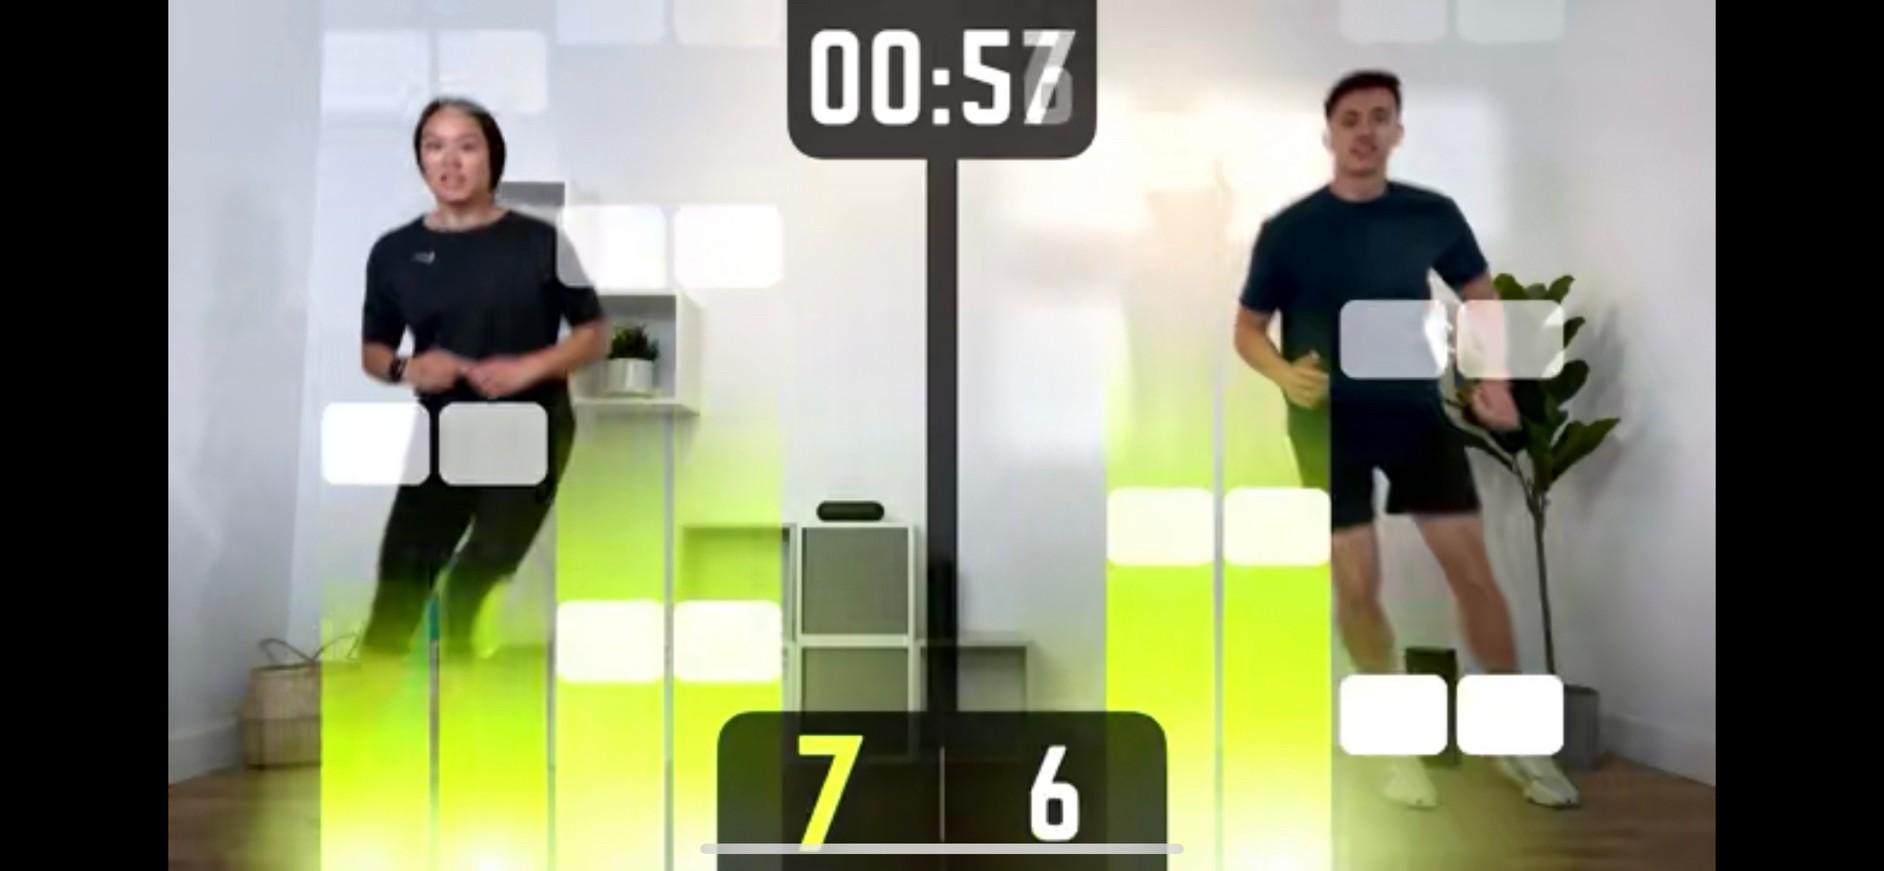 【運動健身】Active Arcade免費健身APP!沒有健身環也能在家運動!健康與健身APP下載排行第一名! @猴屁的異想世界